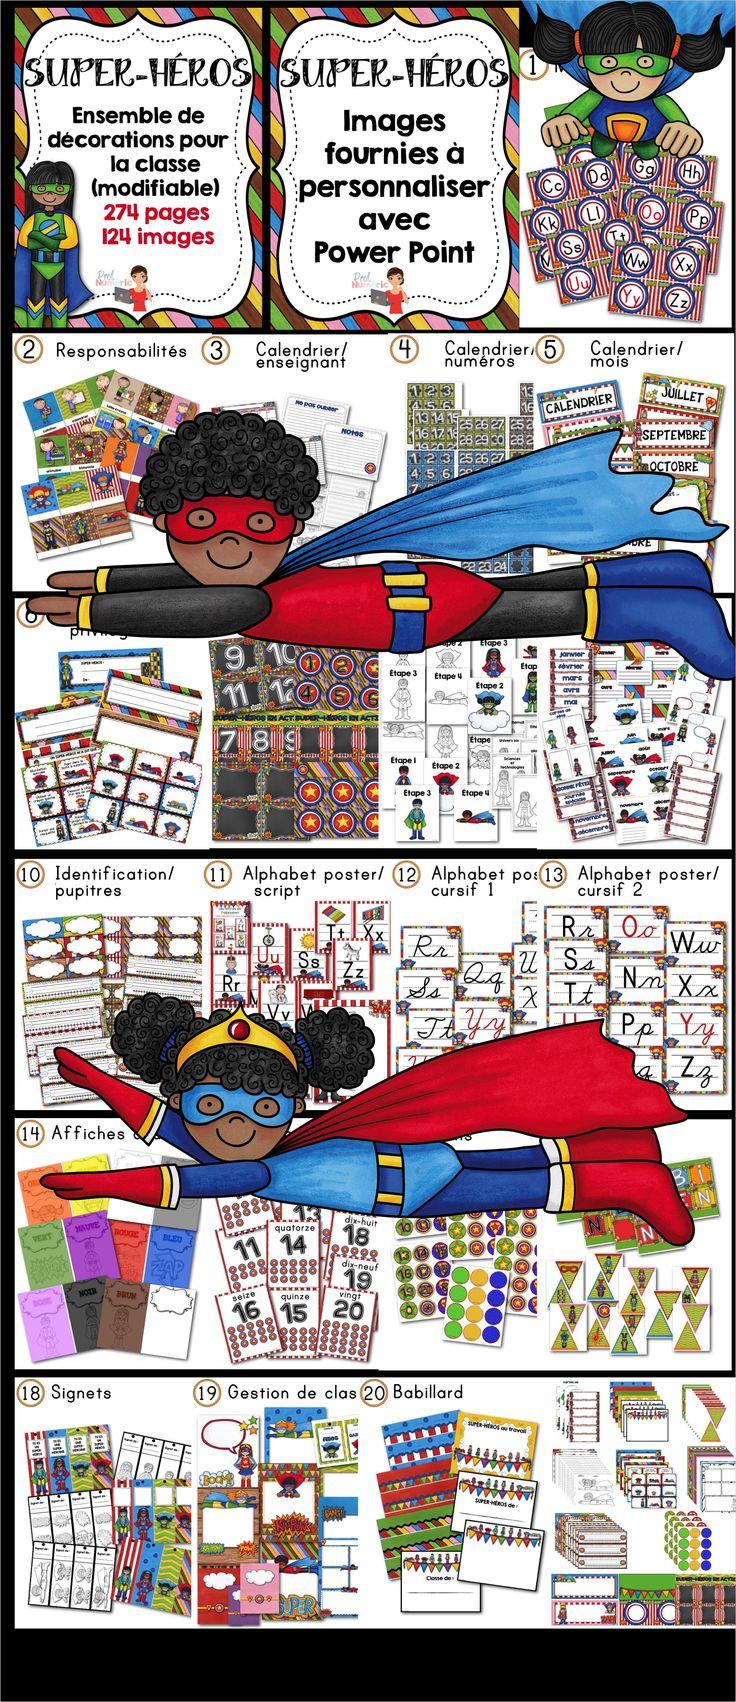 Décorations de classe SUPER-HÉROS (20 fichiers PDF) + images à personnaliser (274 pages + 124 images). Mur des mots, alphabet, nombres, affiches pupitre, portfolio, bannière, signets, etc.